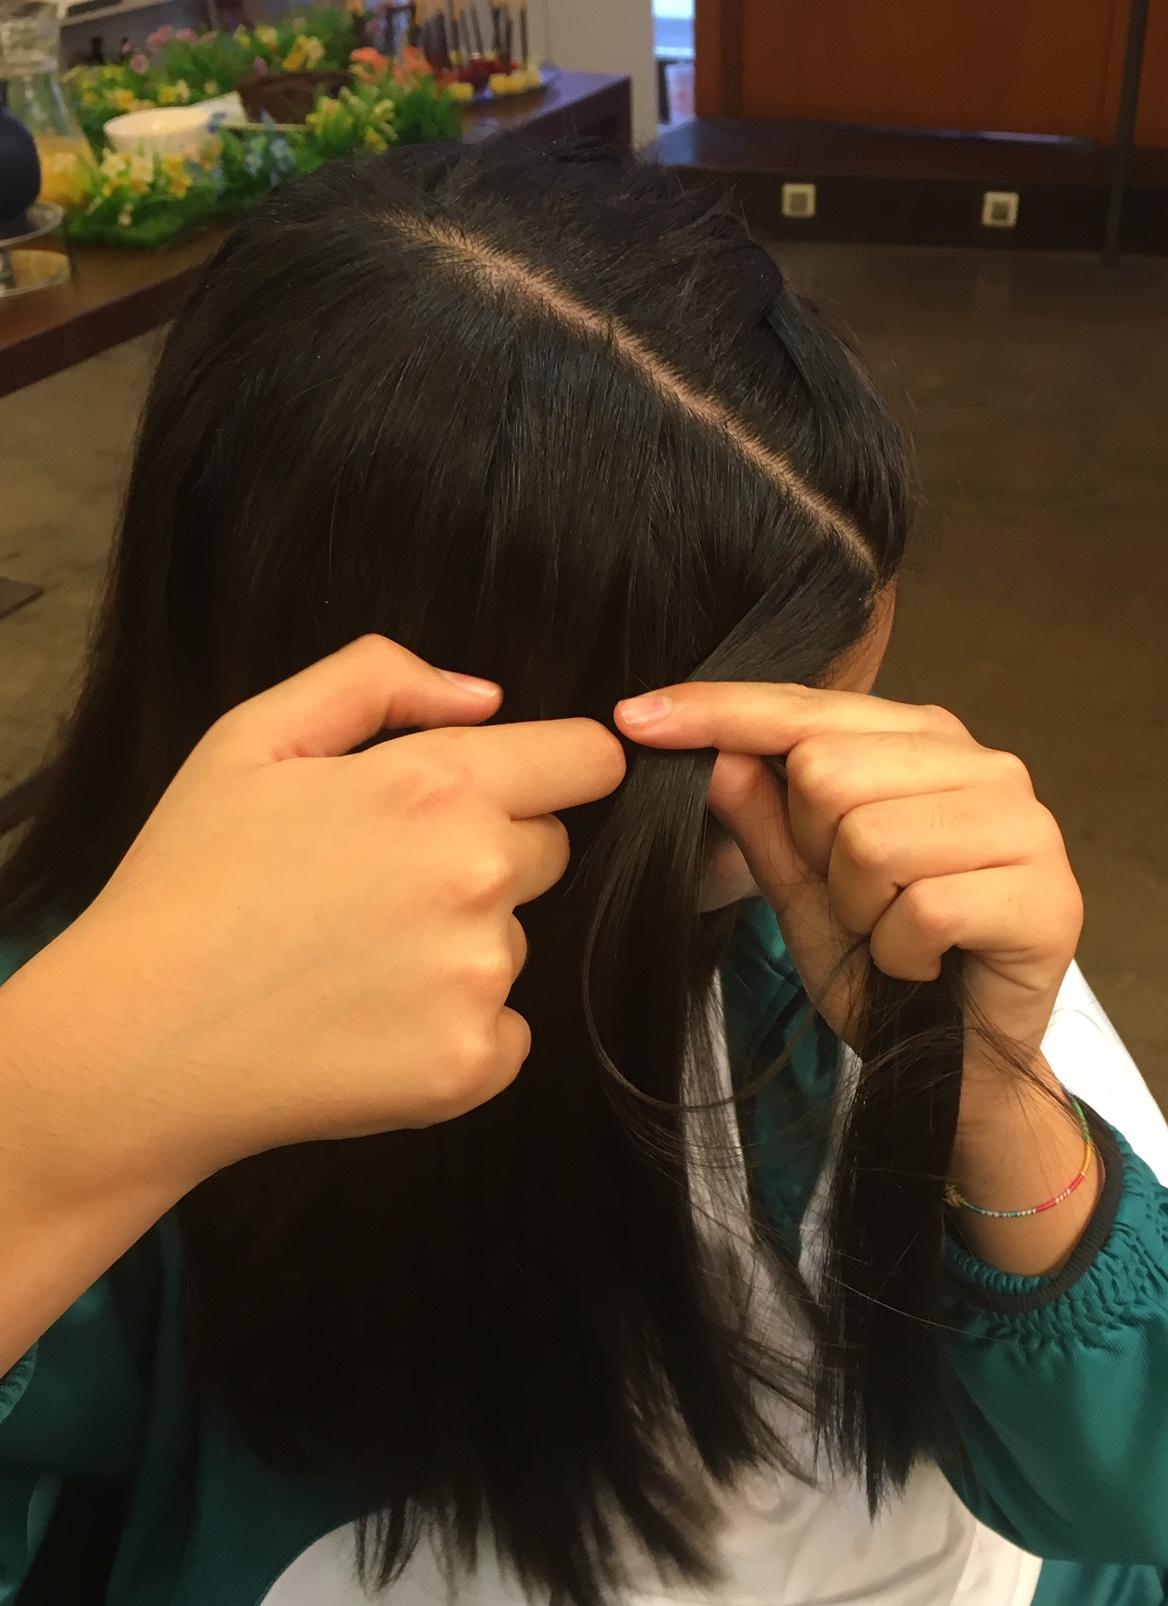 Pautas para cuidar el cabello de los niños